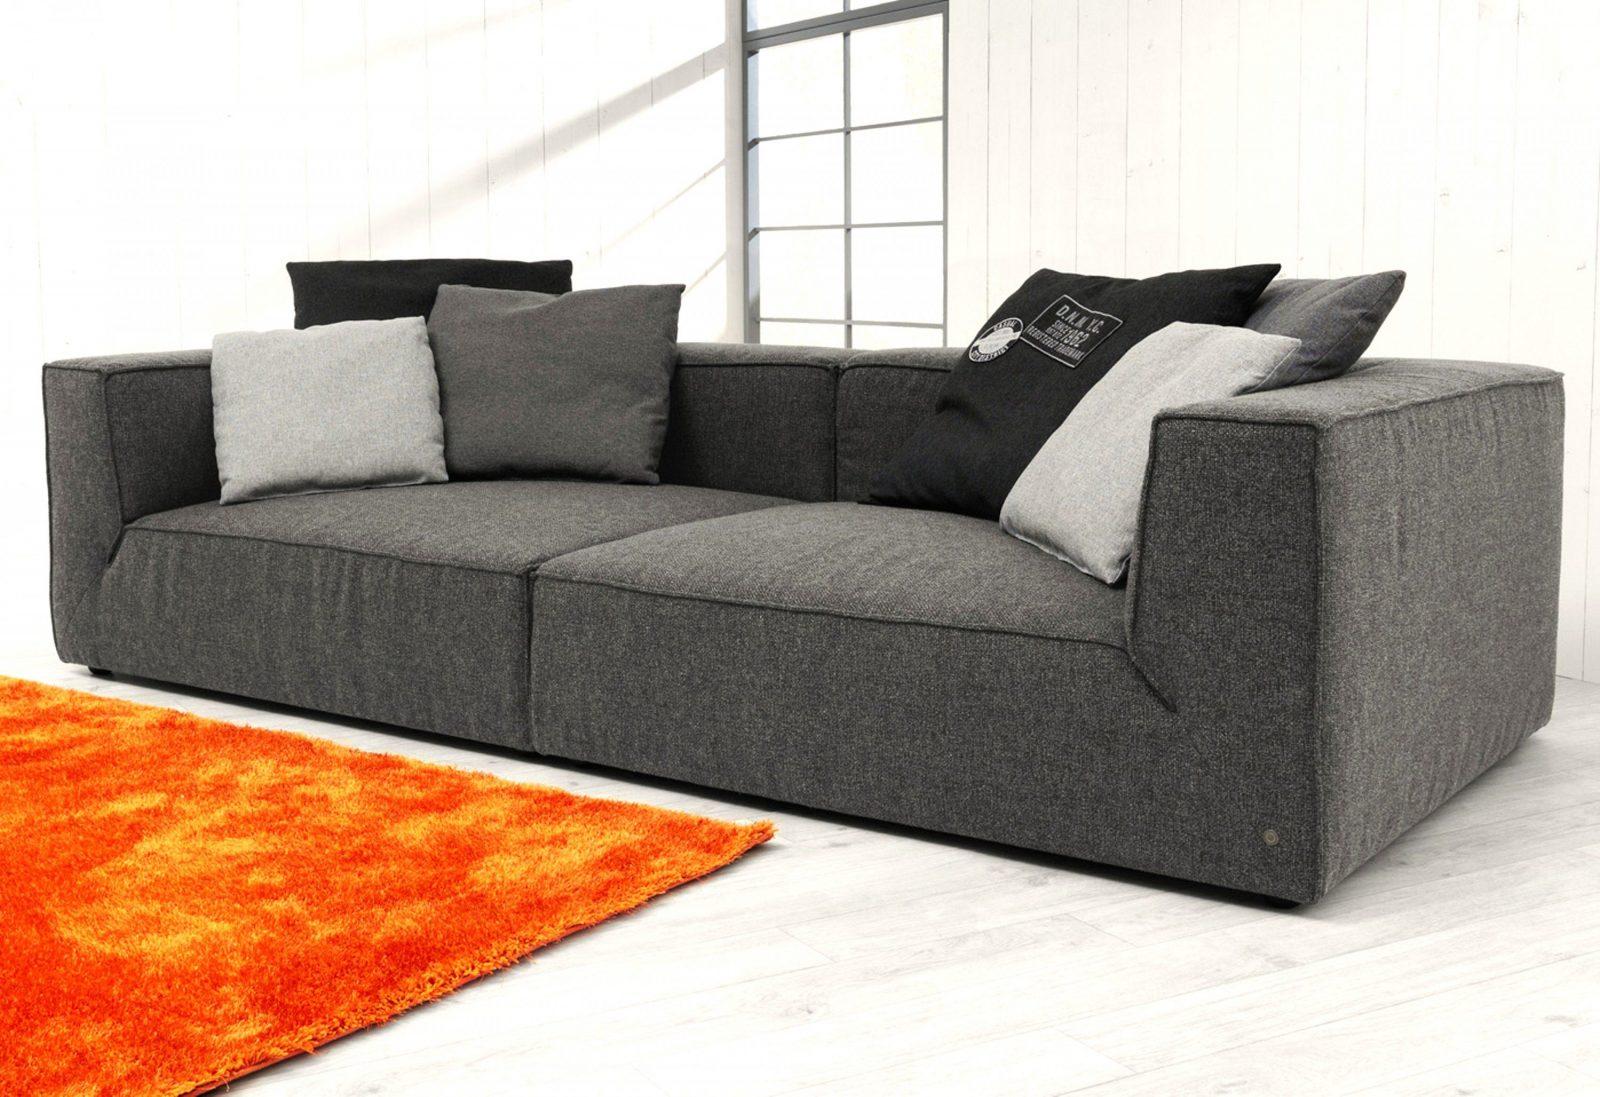 Geniale Ideen Möbel Boss Kinderbett Und Tolle Hypnotisierend von Möbel Boss Big Sofa Bild